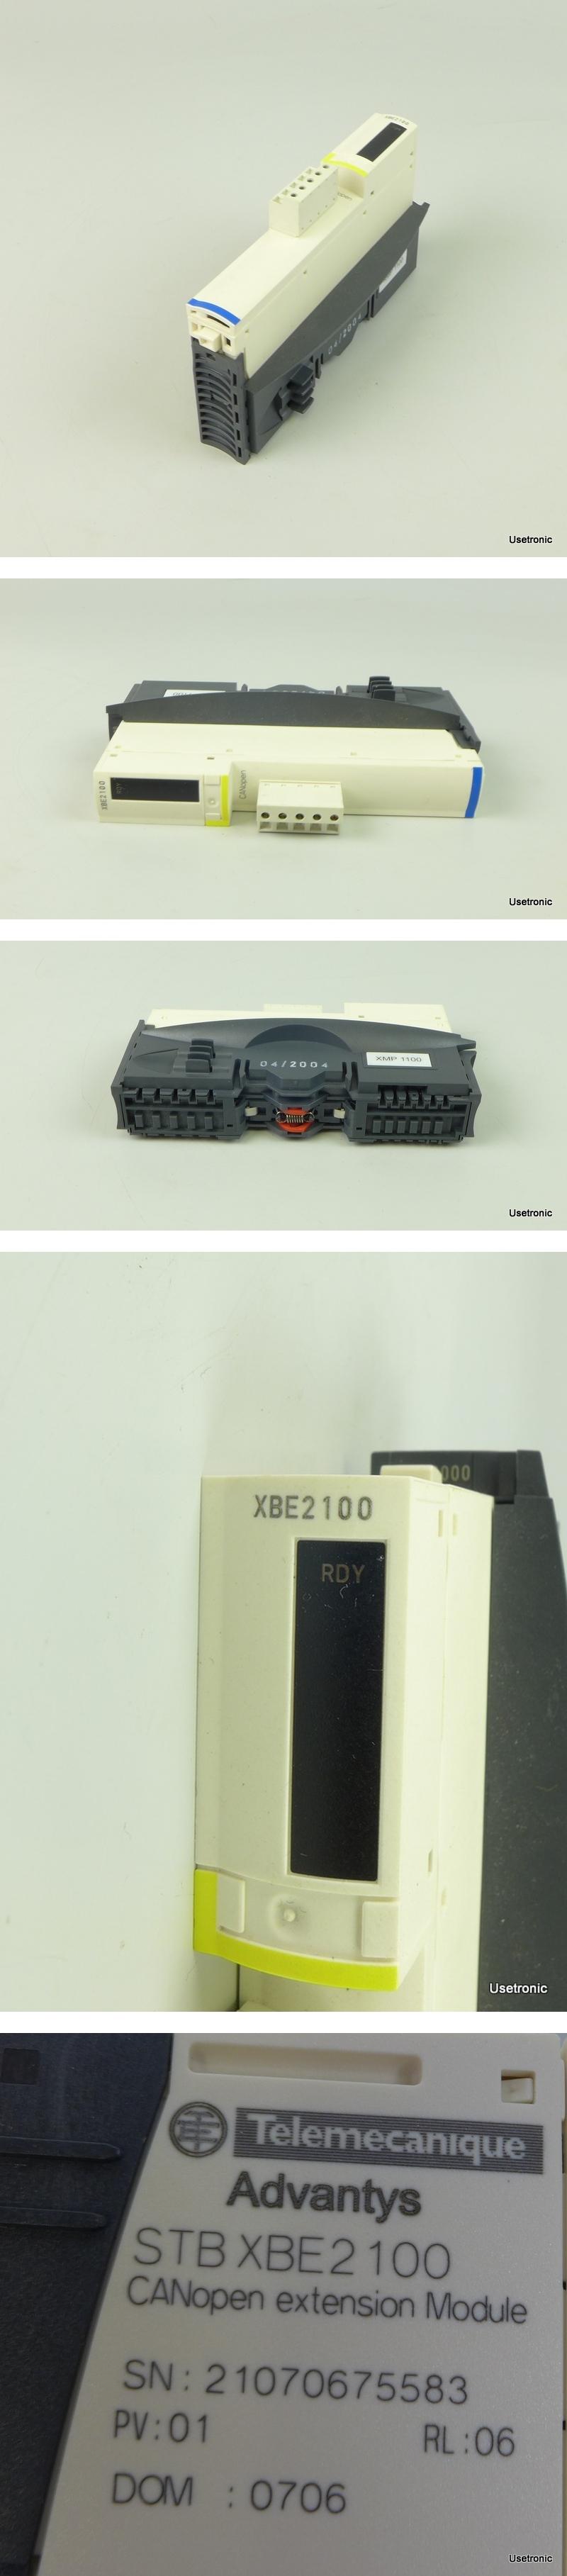 Telemecanique STBXBE2100